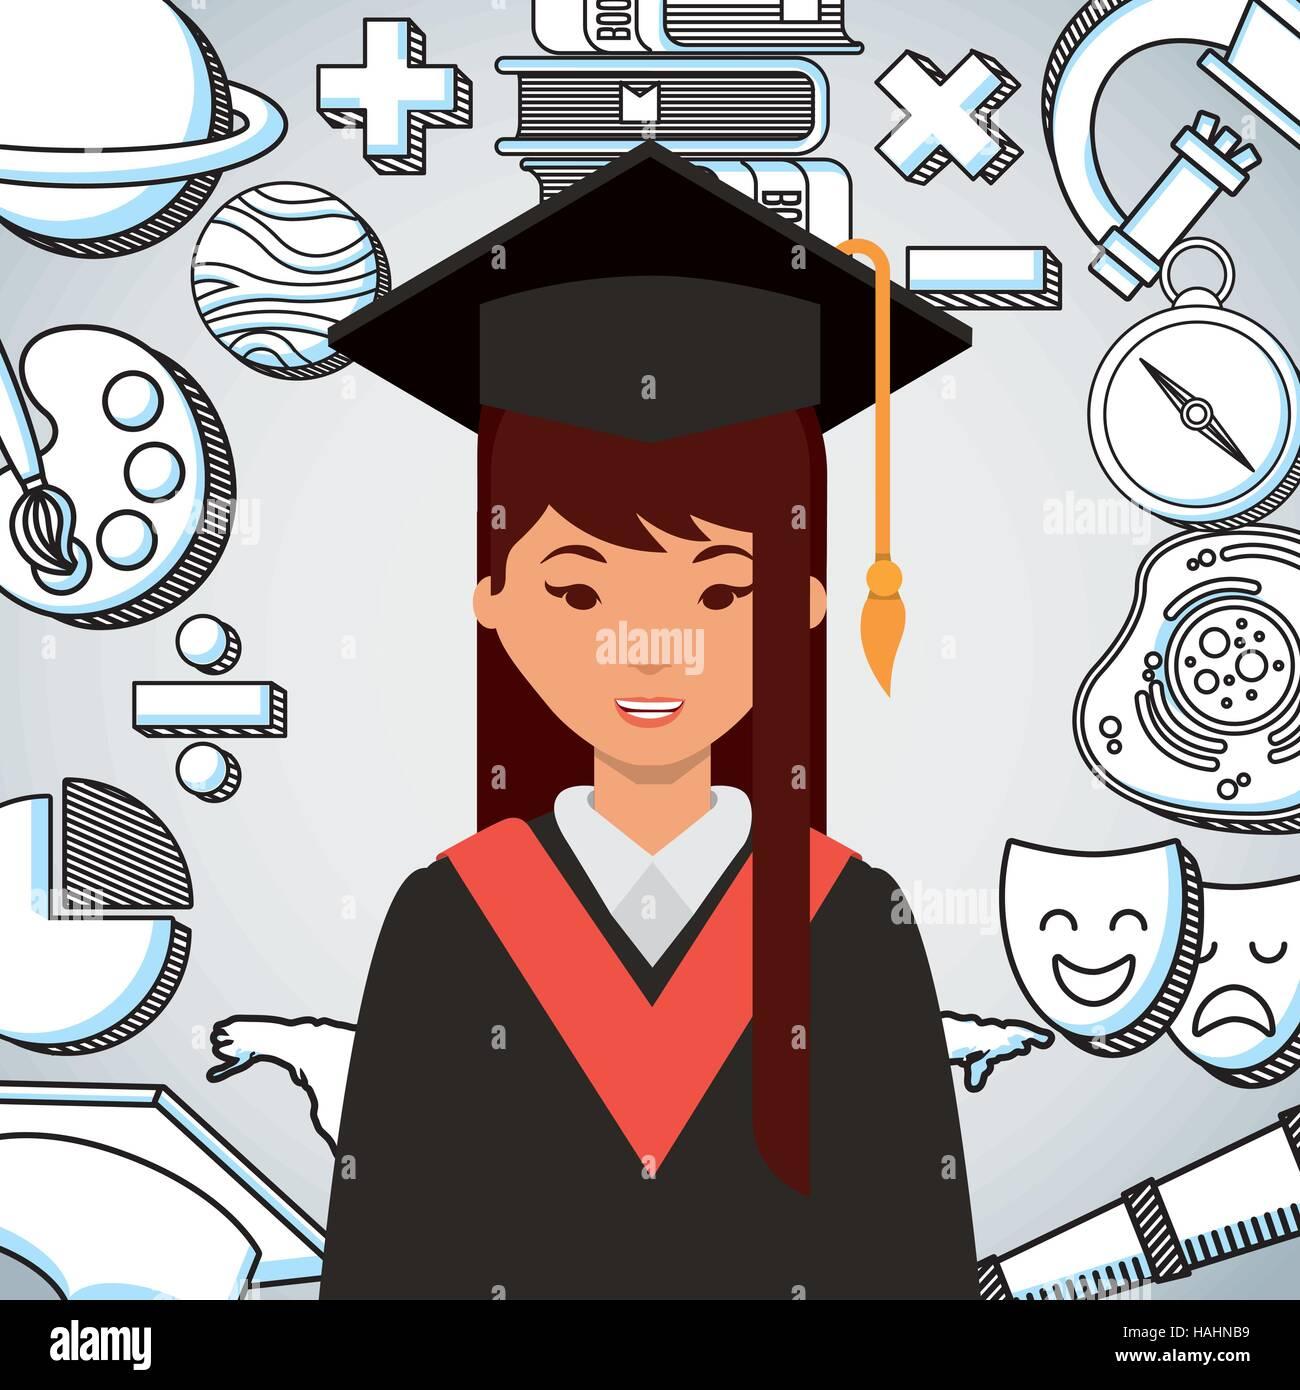 Cartoon Graduate Woman Graduation Gown Stock Photos & Cartoon ...